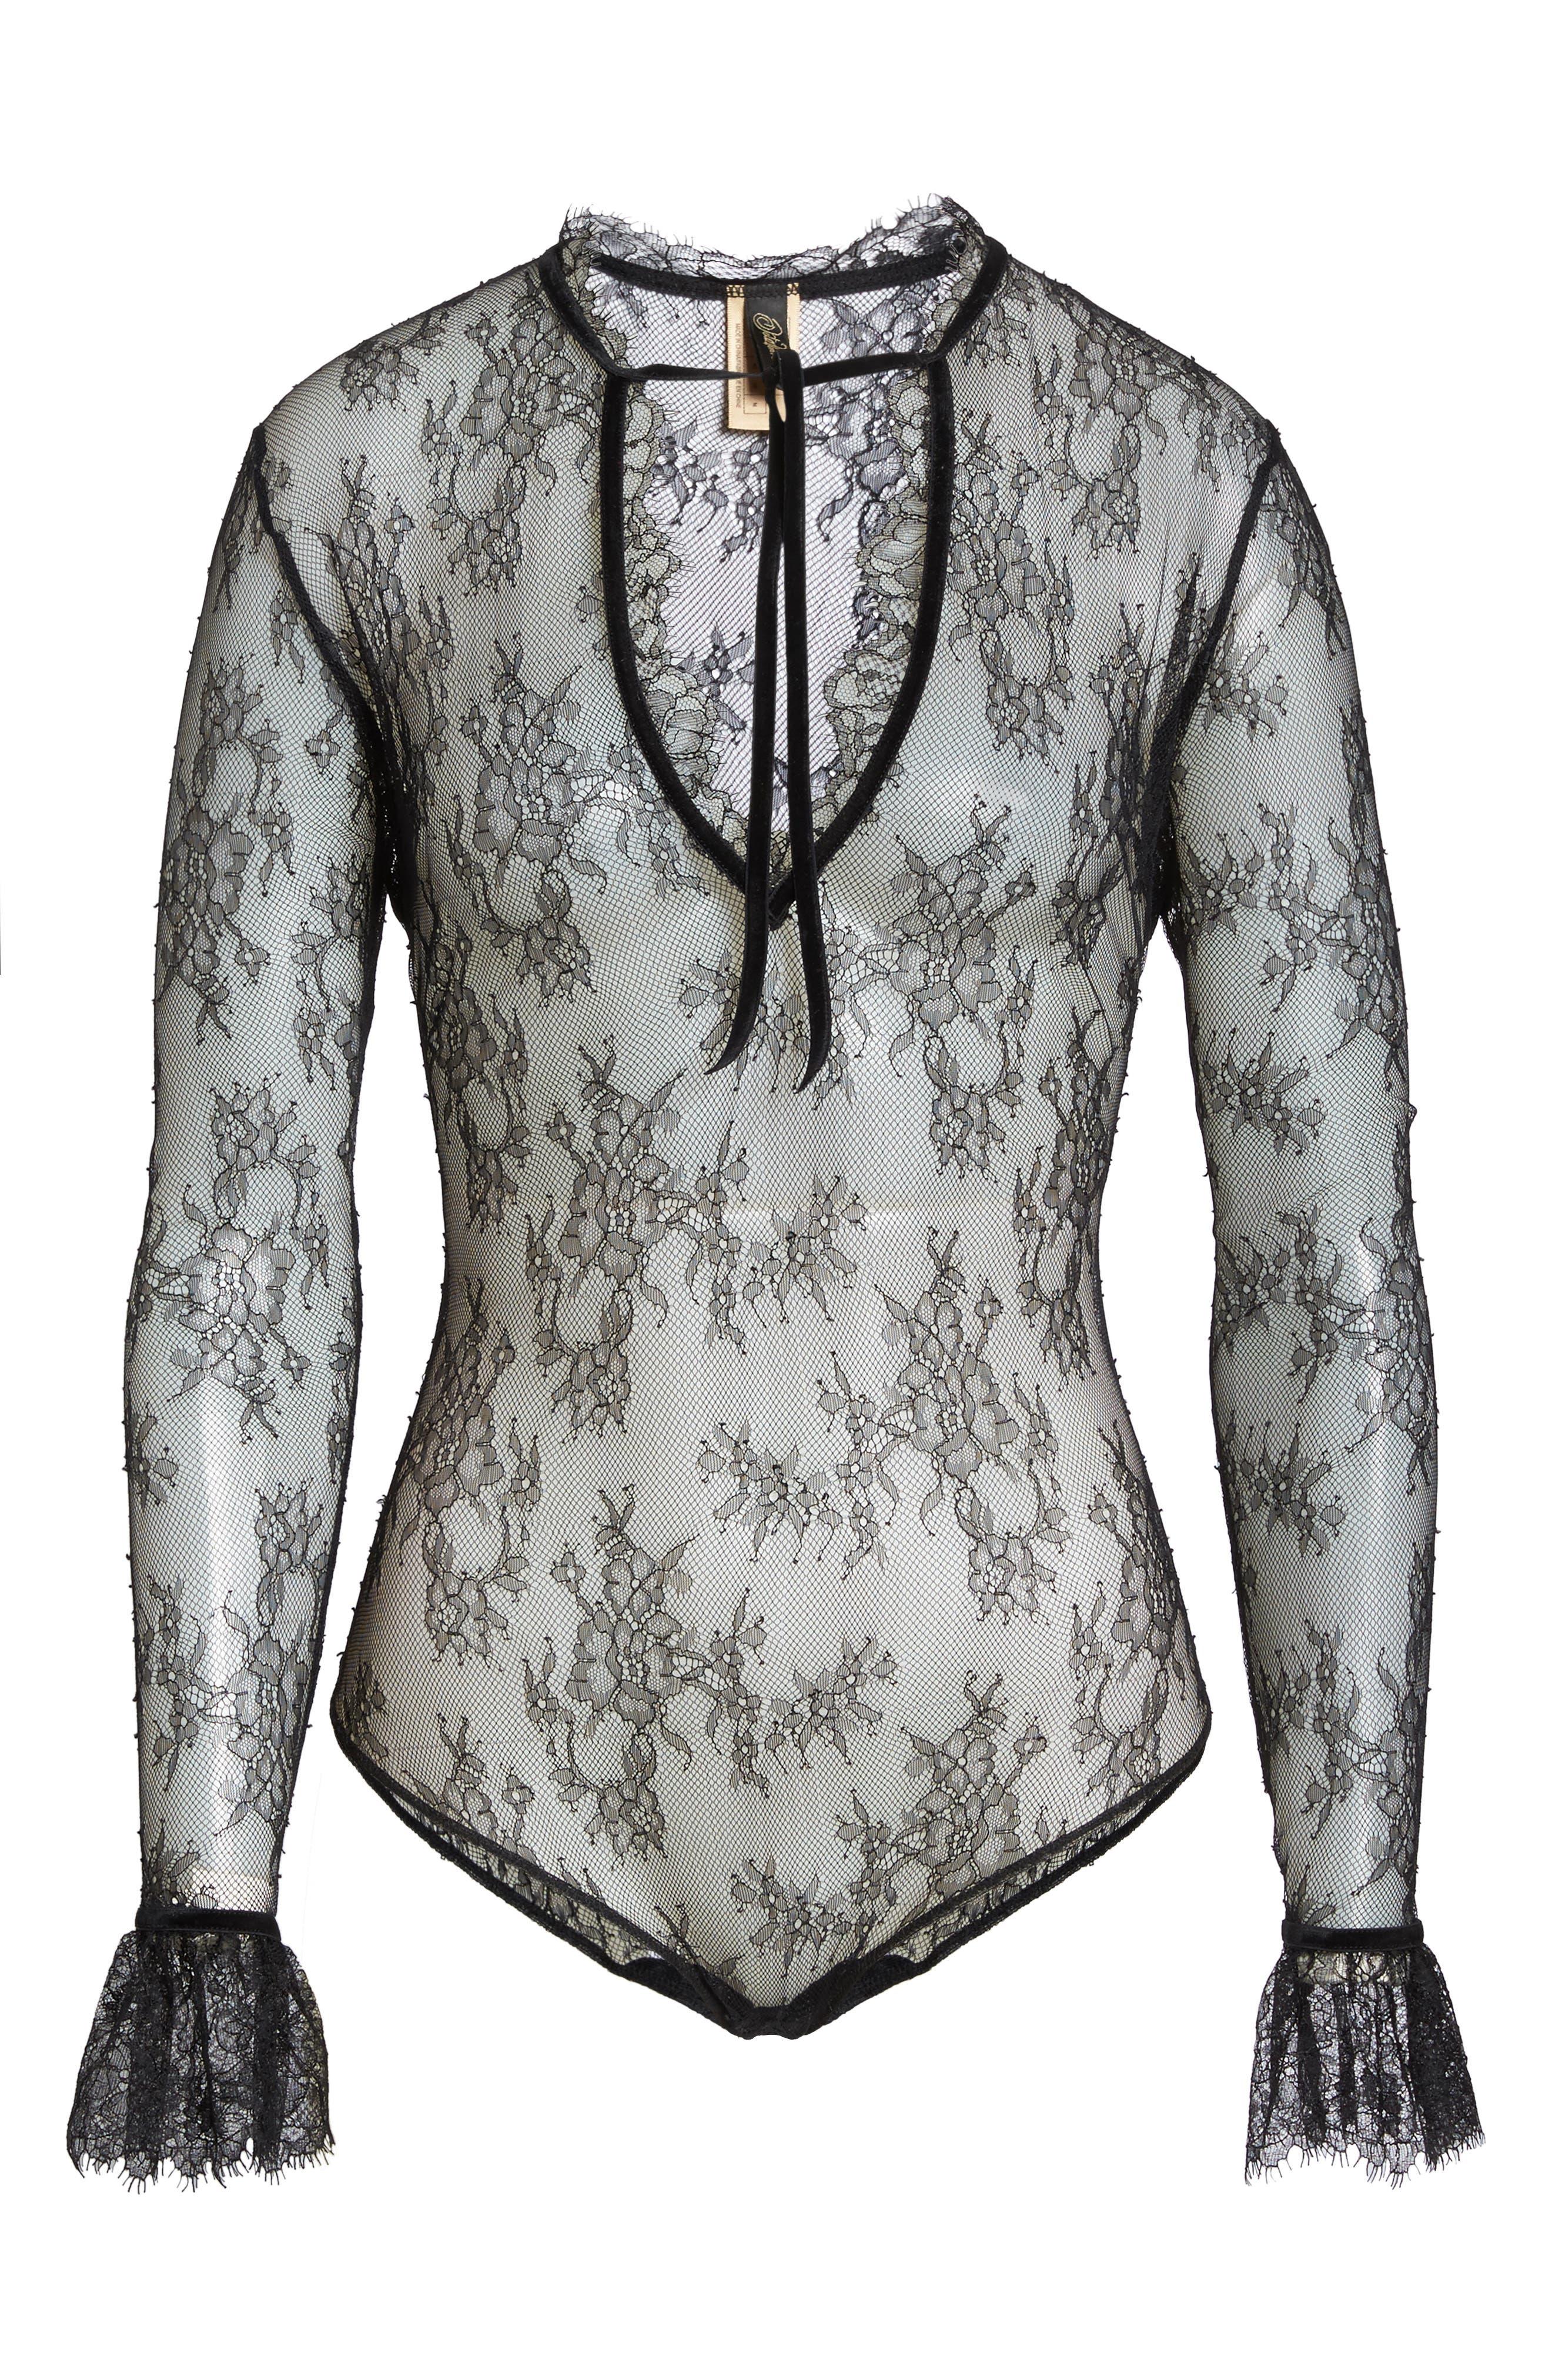 Miss West Lace Bodysuit,                             Alternate thumbnail 5, color,                             001